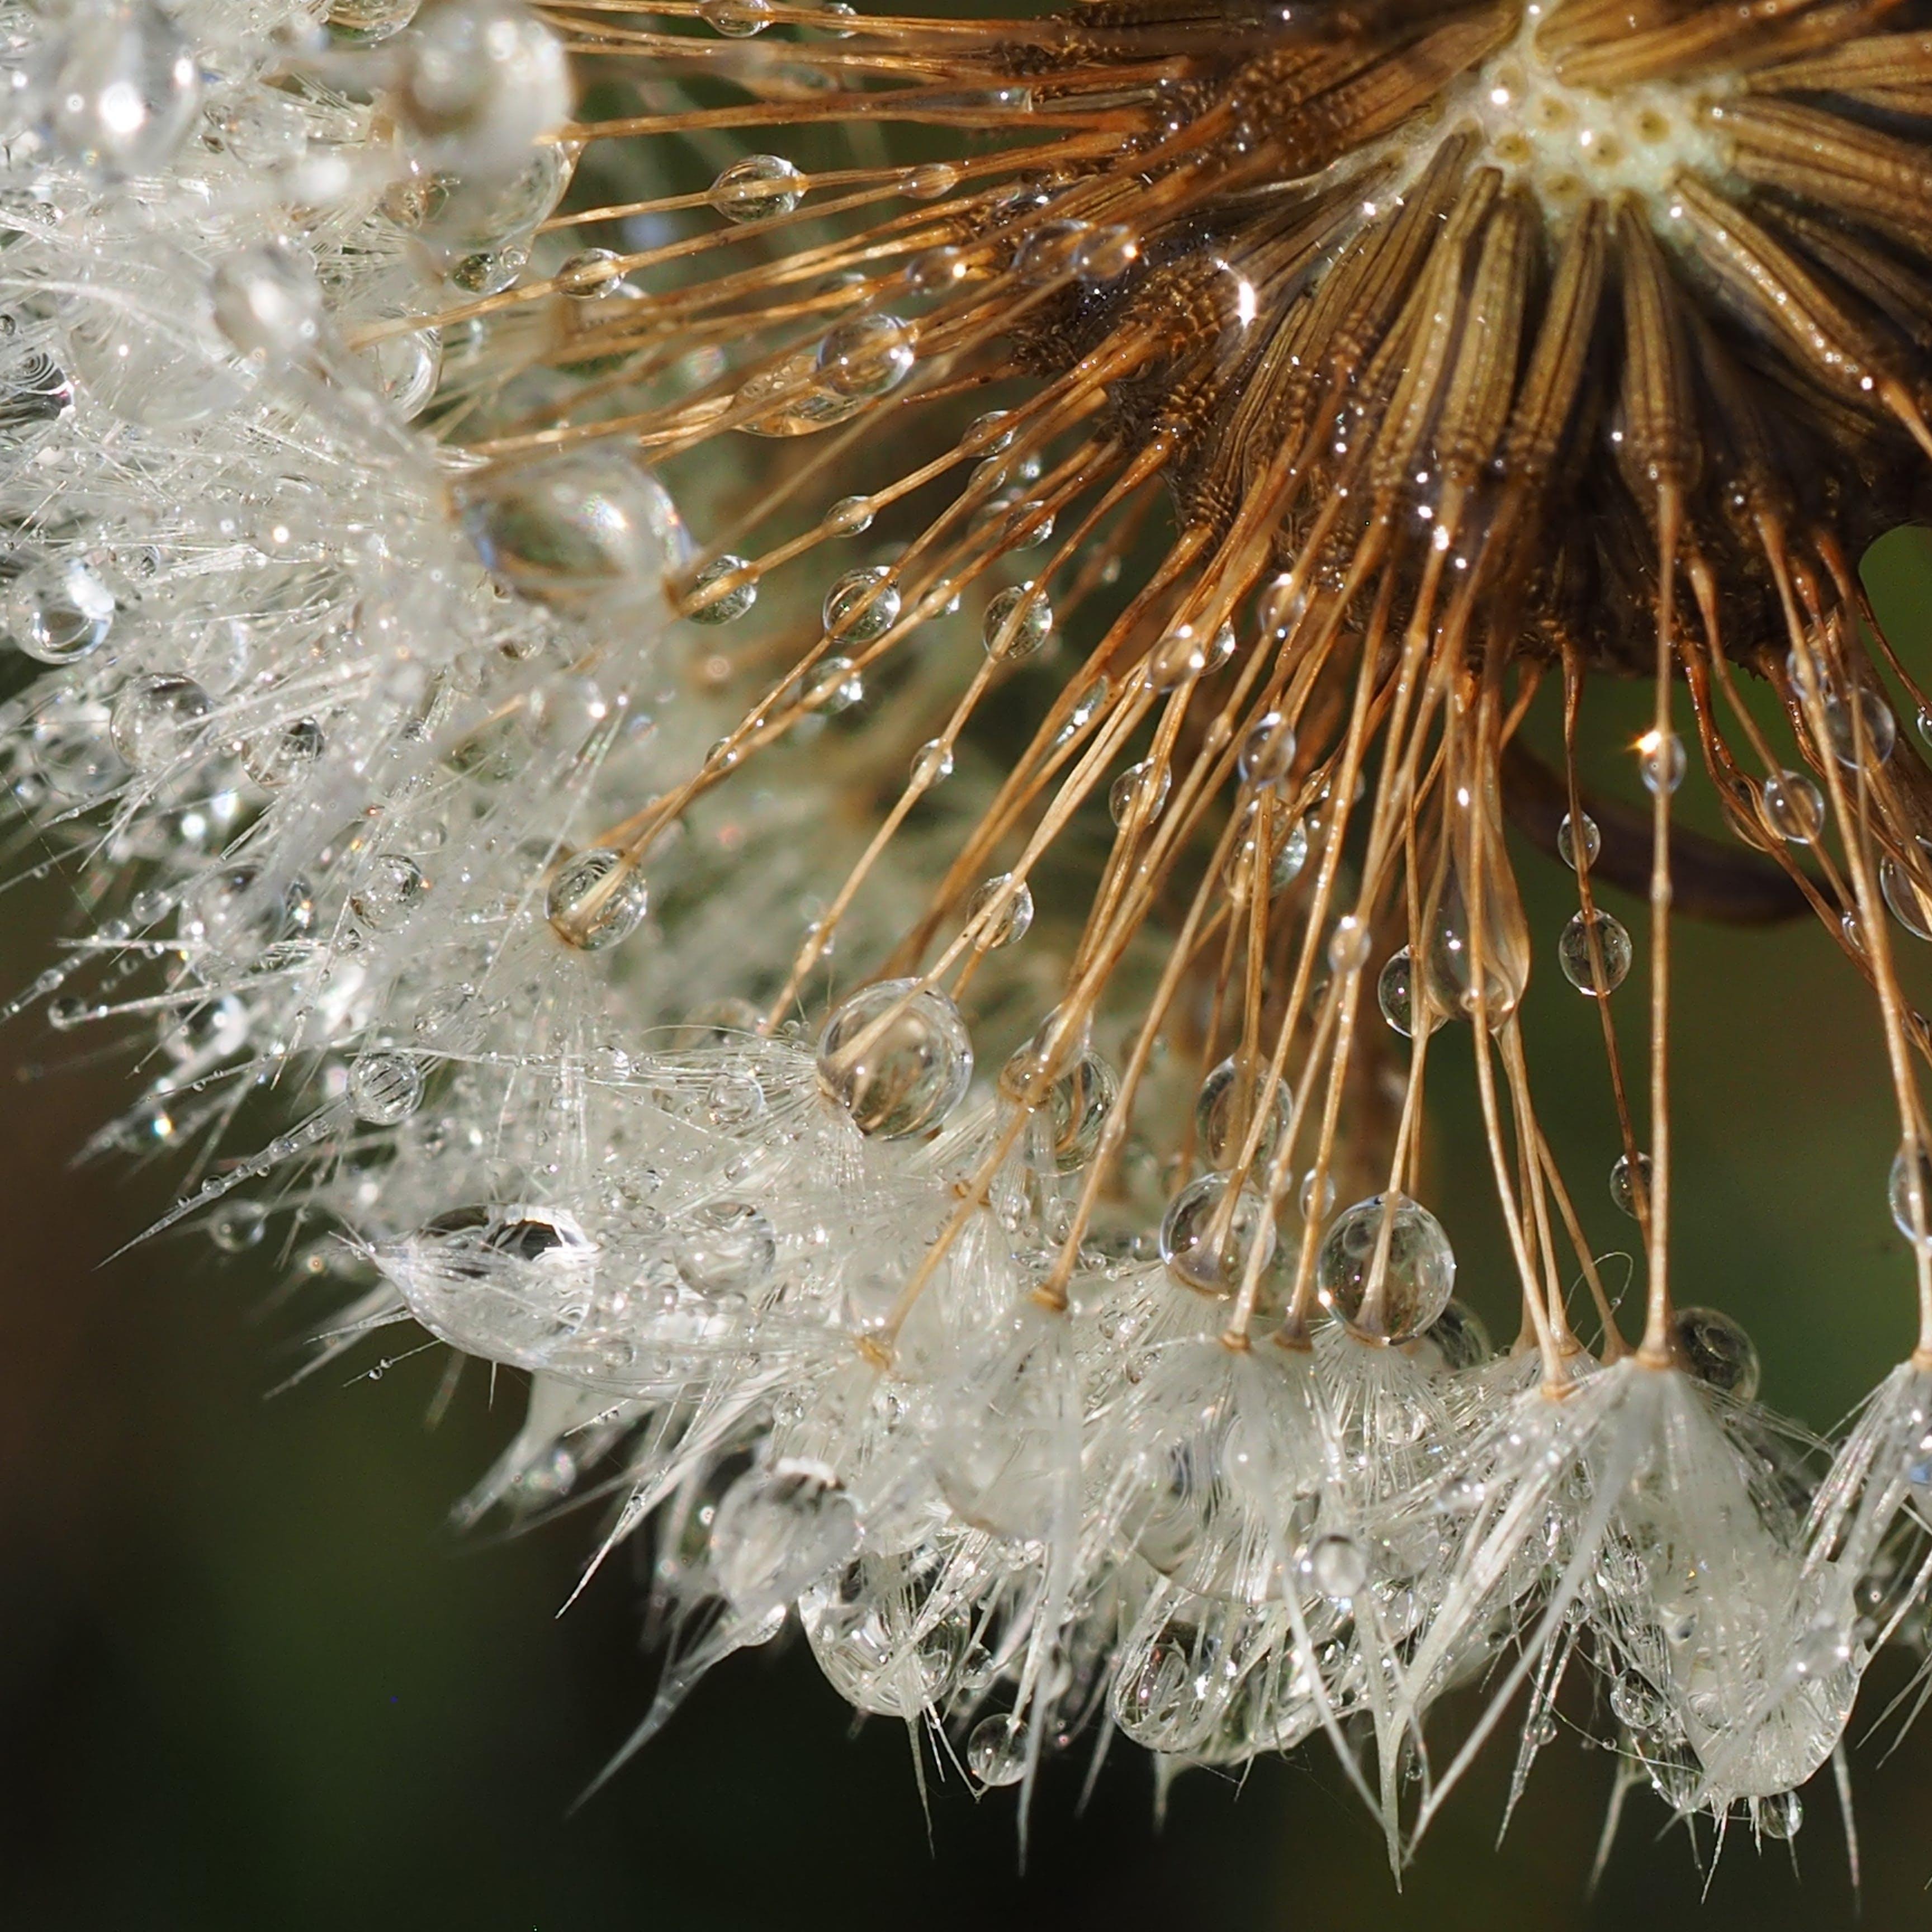 close-up, dandelion, dandelion seeds